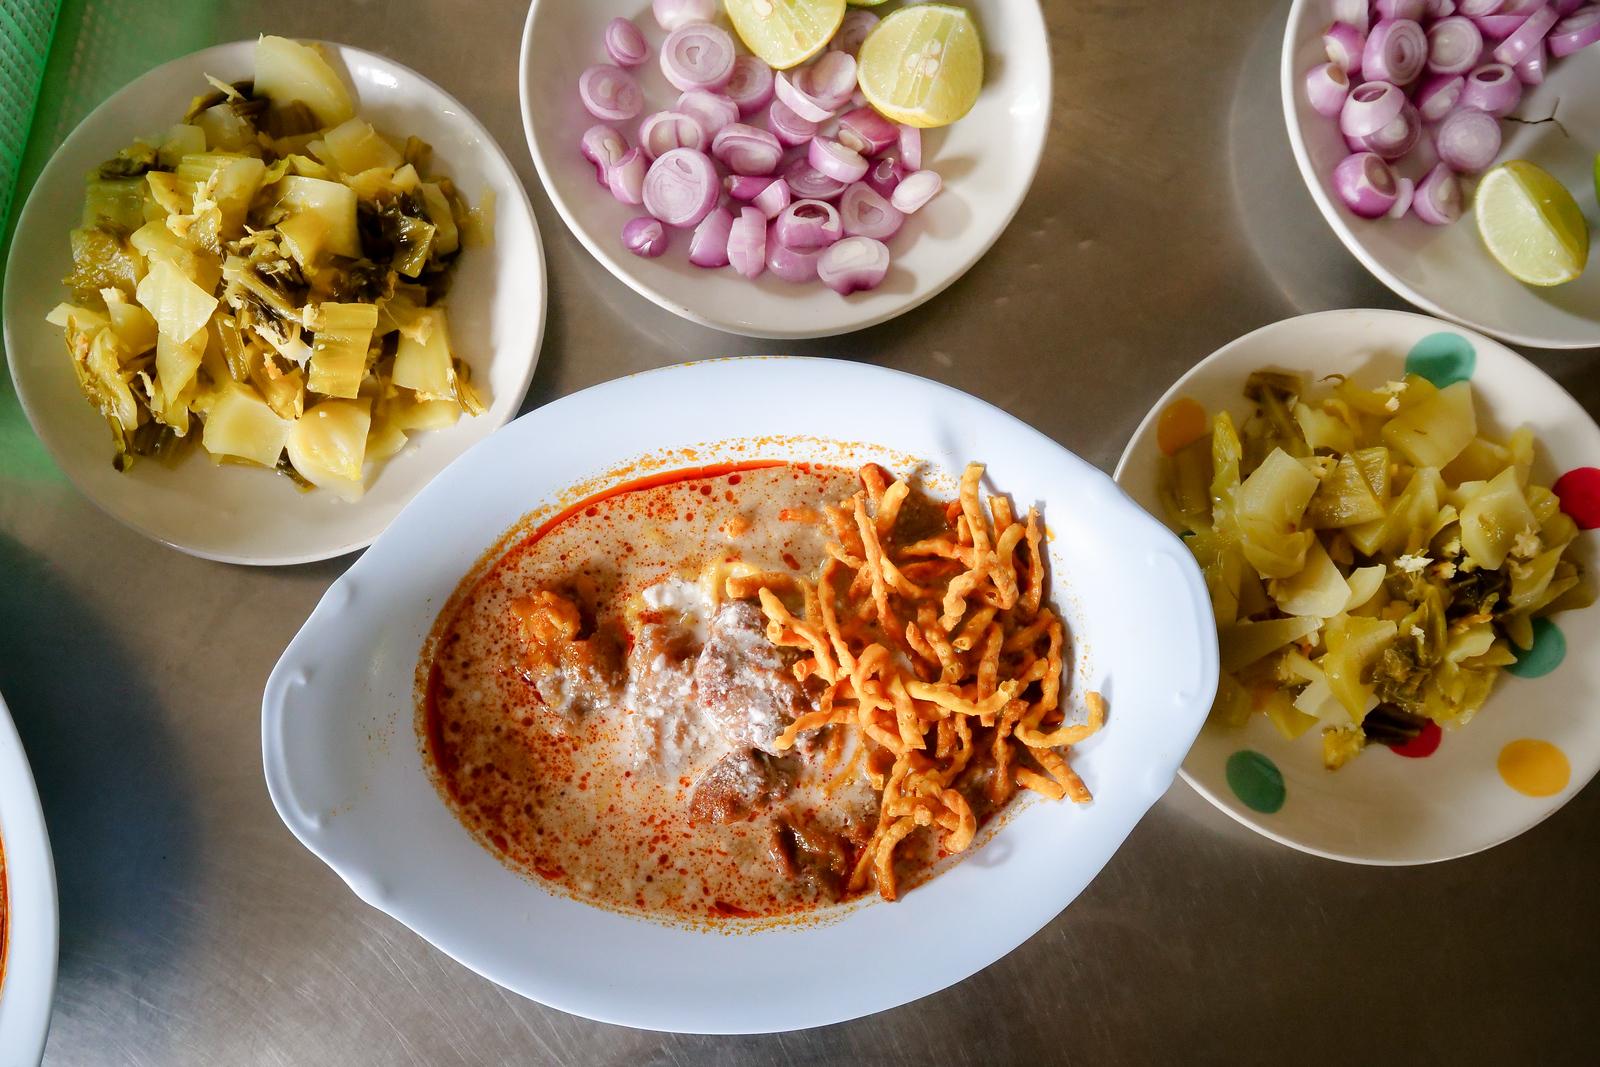 Beef khao soi (ข้าวซอยเนื้อ)